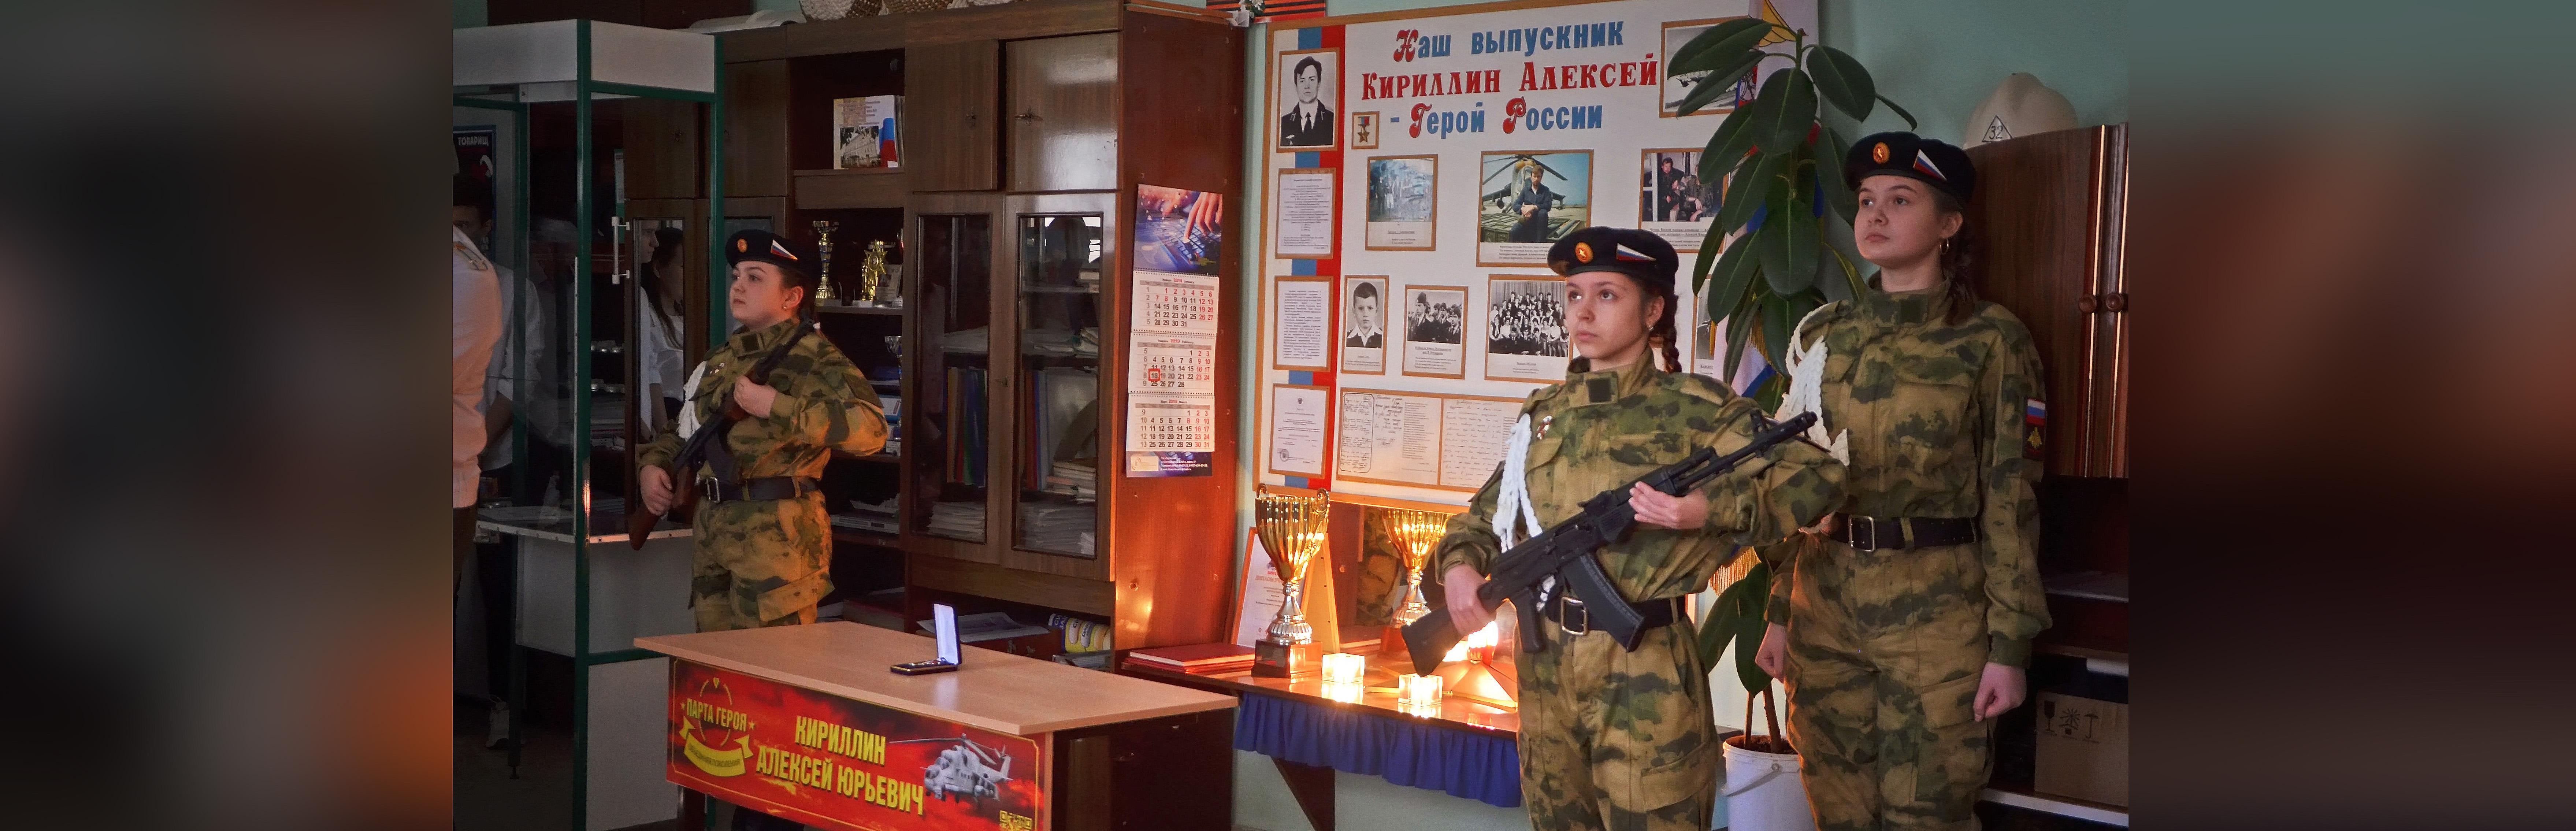 Парта Героя Алексея Кириллина